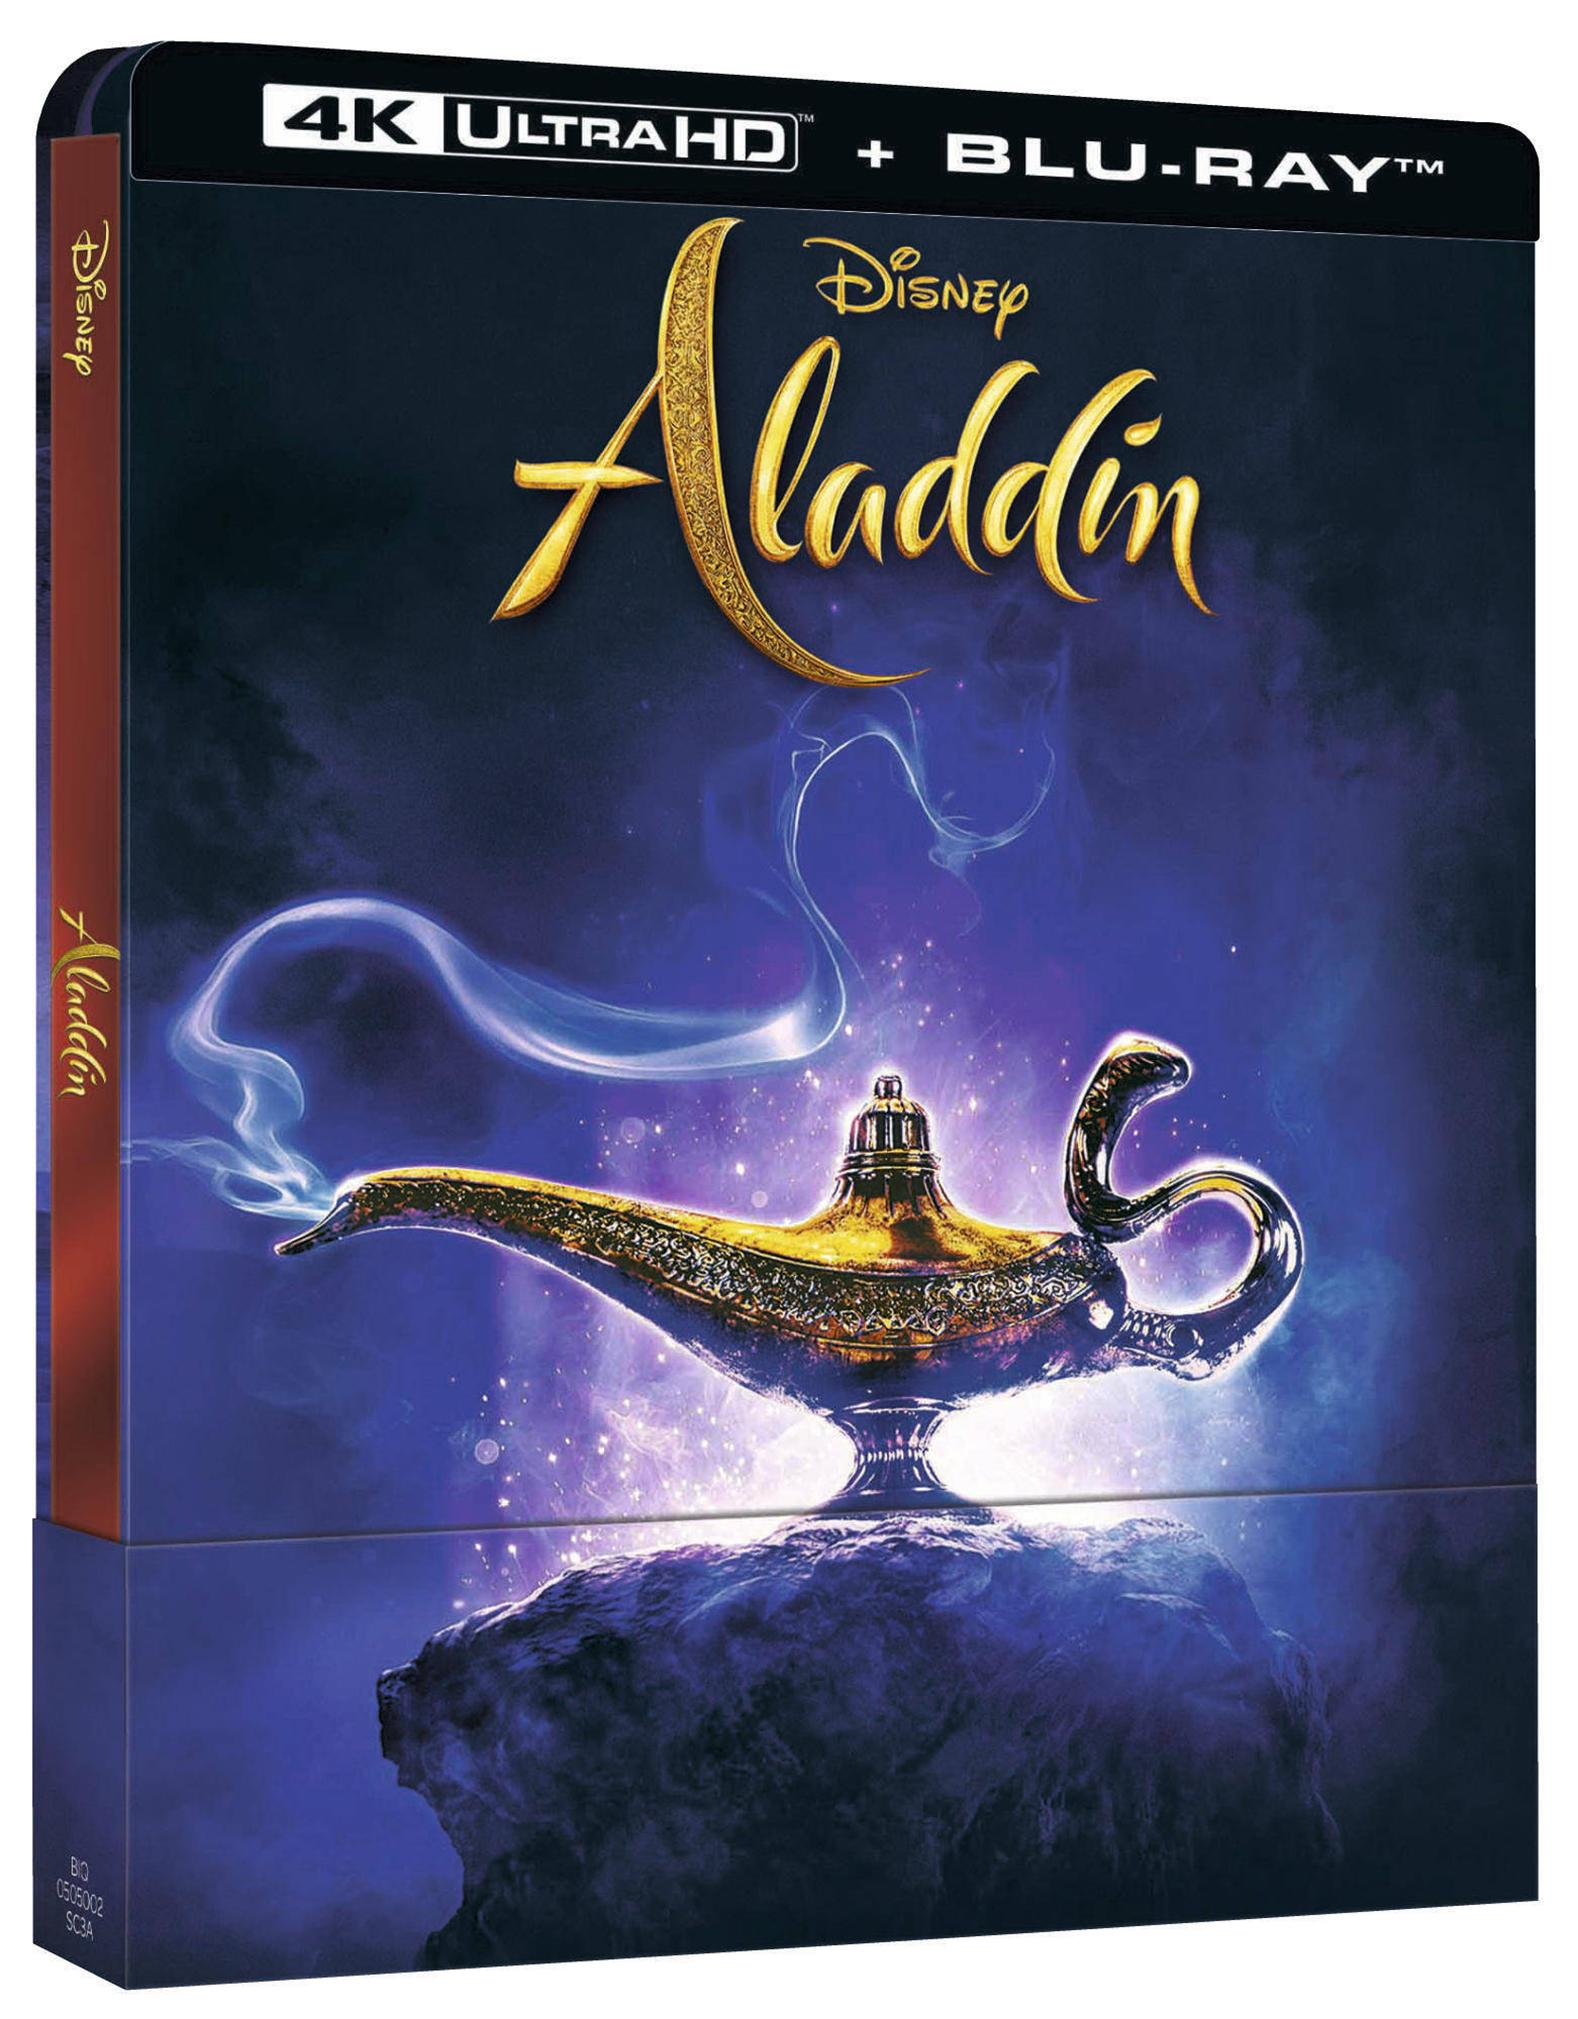 ALADDIN (LIVE ACTION) (LTD STEELBOOK) (BLU-RAY 4K ULTRA HD+BLU-R